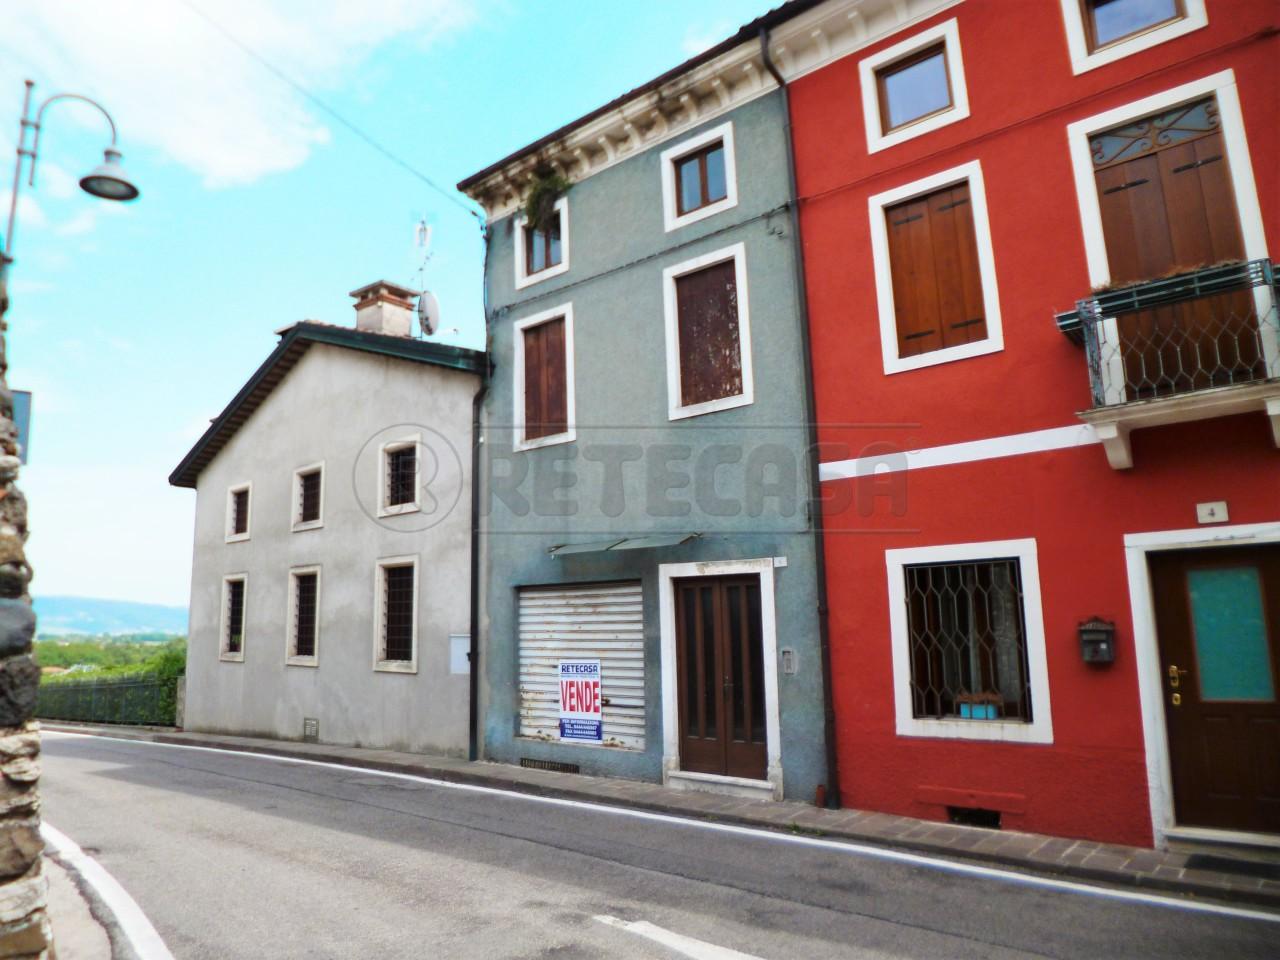 Rustico / Casale in vendita a Montorso Vicentino, 9999 locali, prezzo € 100.000 | Cambio Casa.it